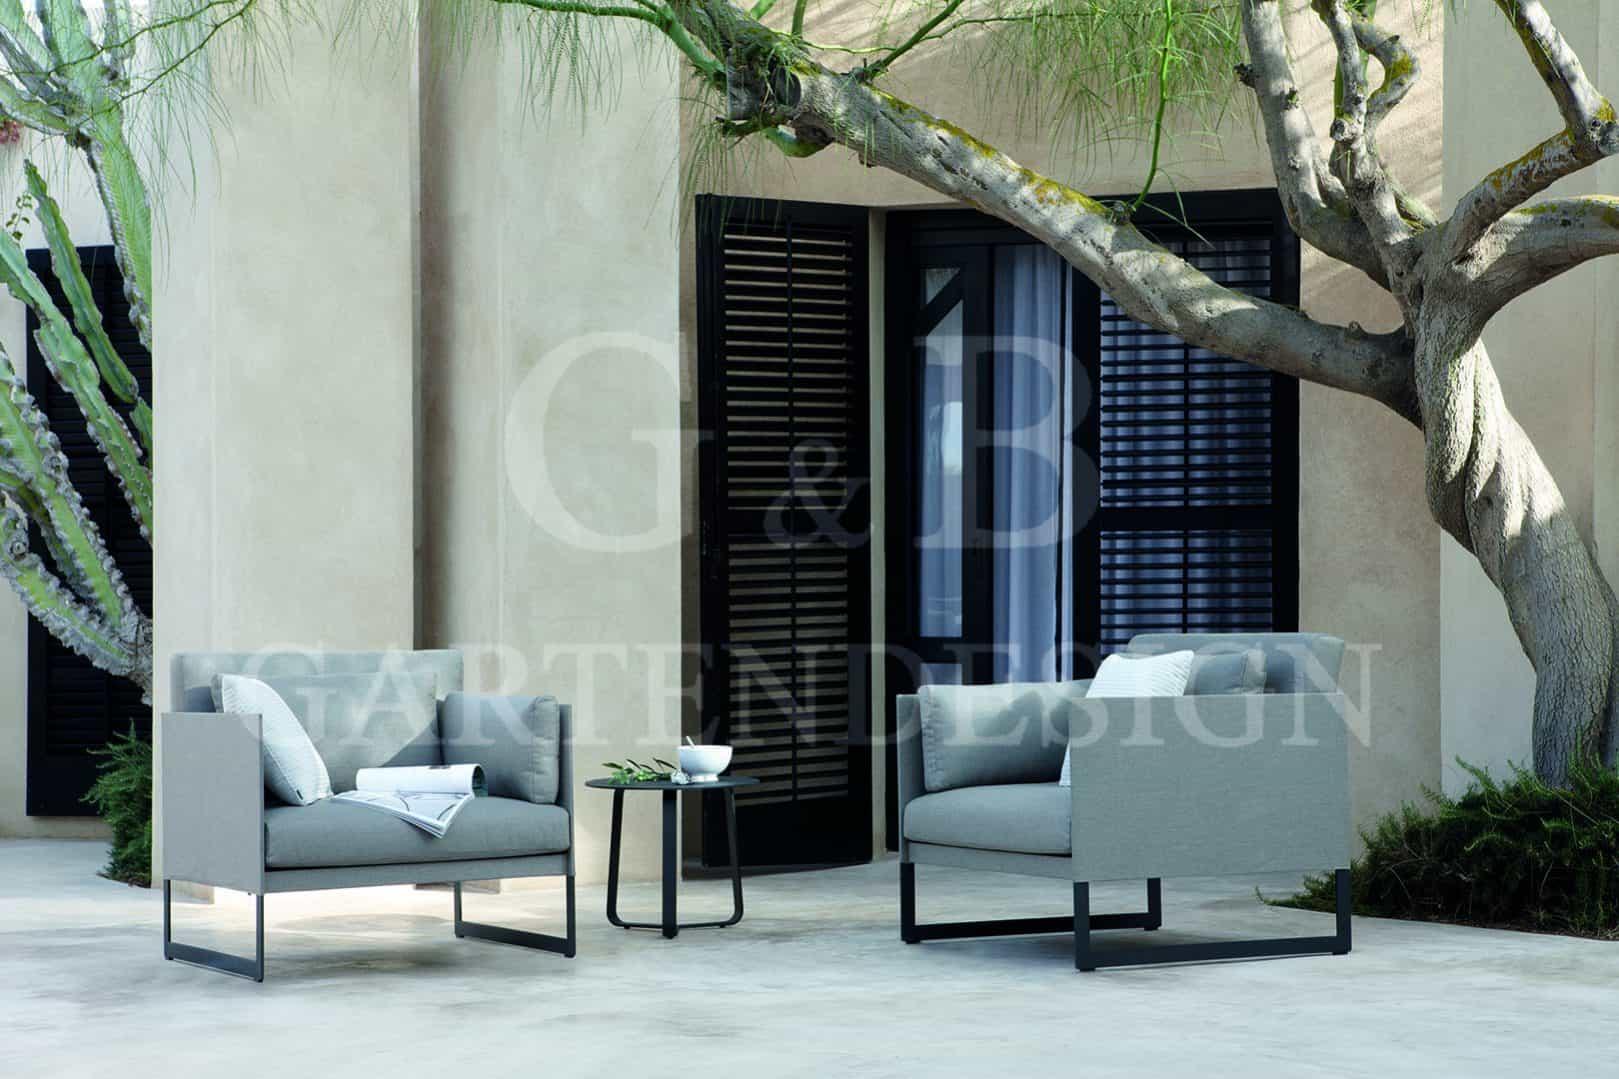 eine kleine Auswahl aus unserem Sortiment von Gartenmöbel aus Metall